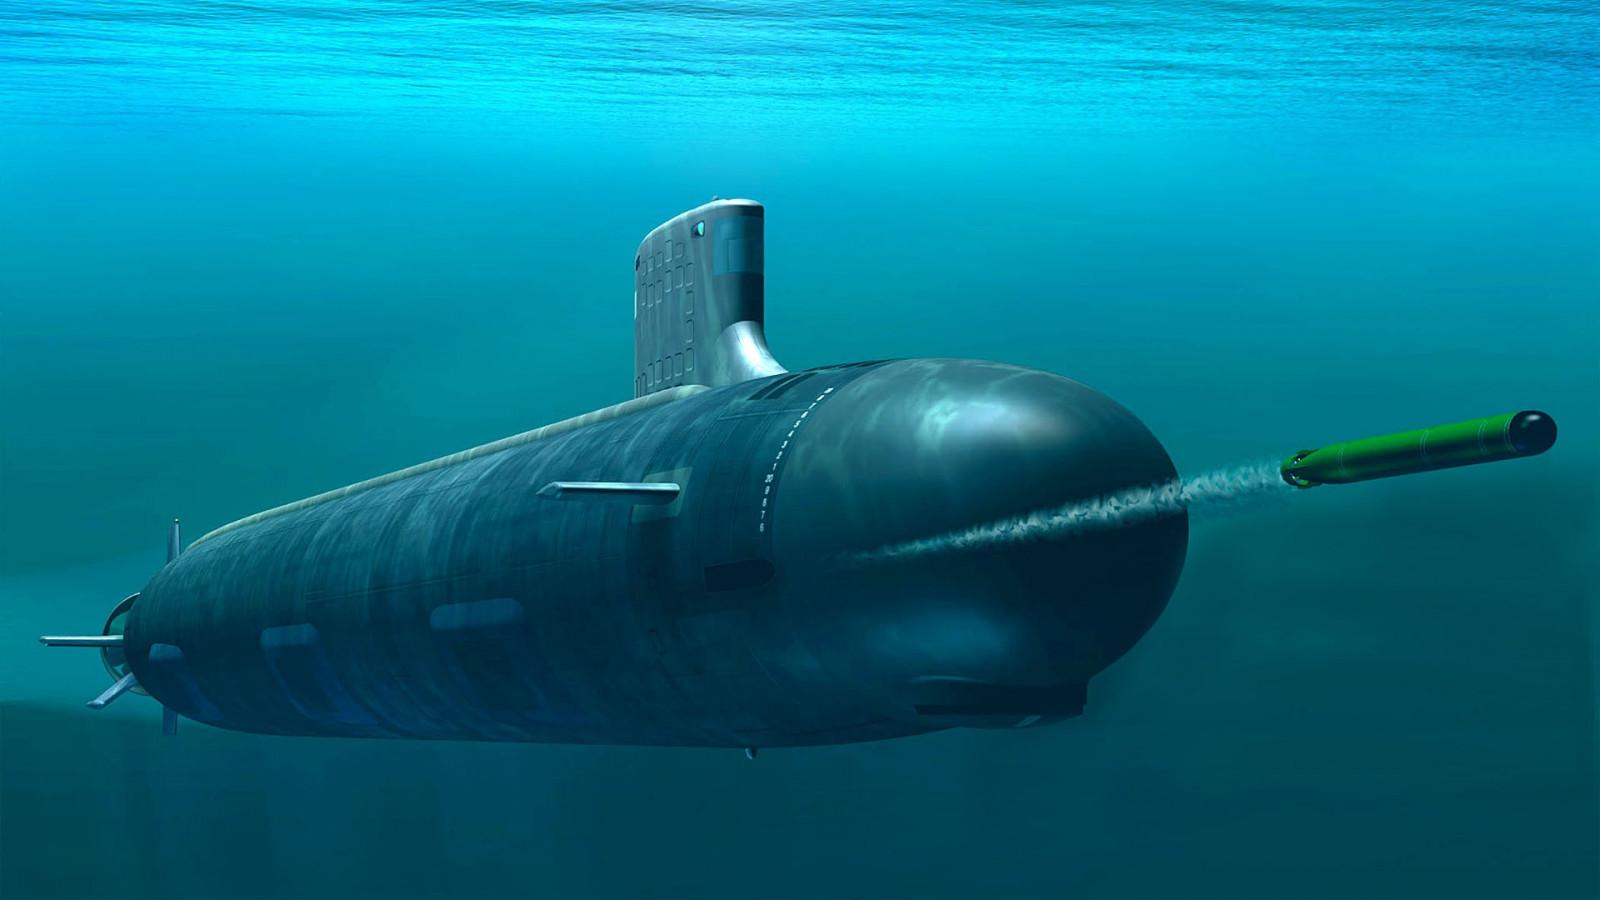 рыба или подводная лодка